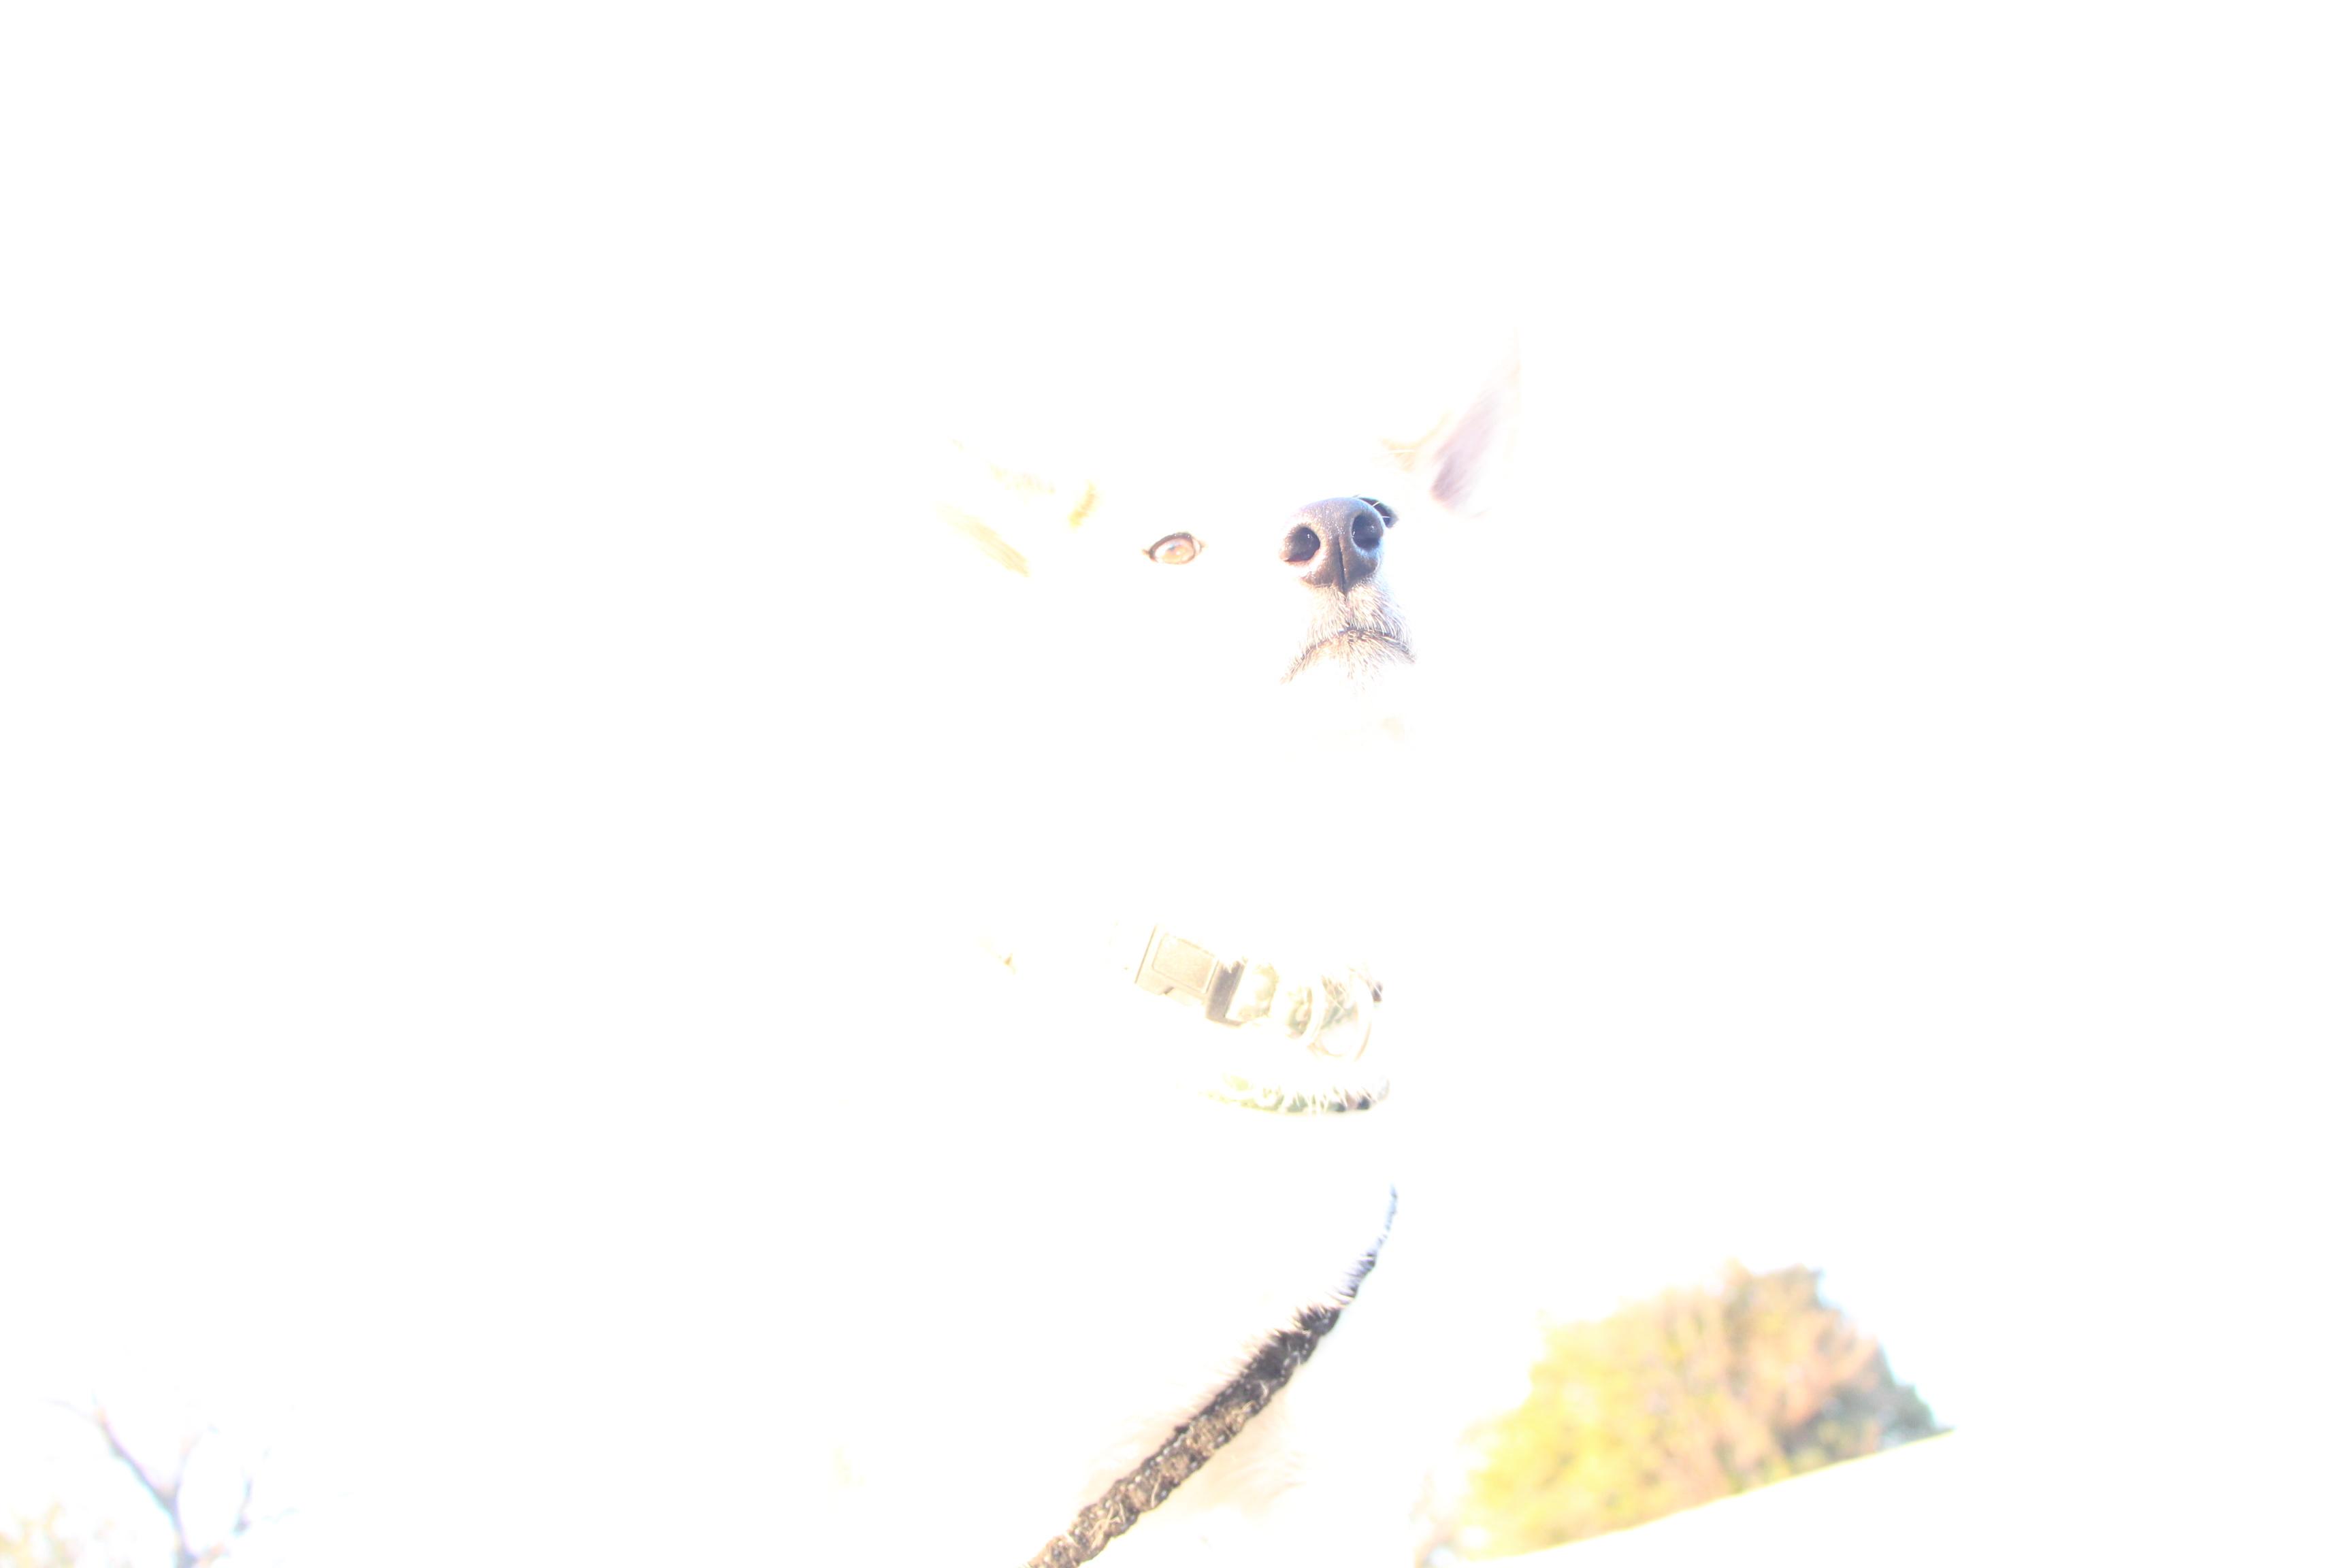 f0245650_08034587.jpg